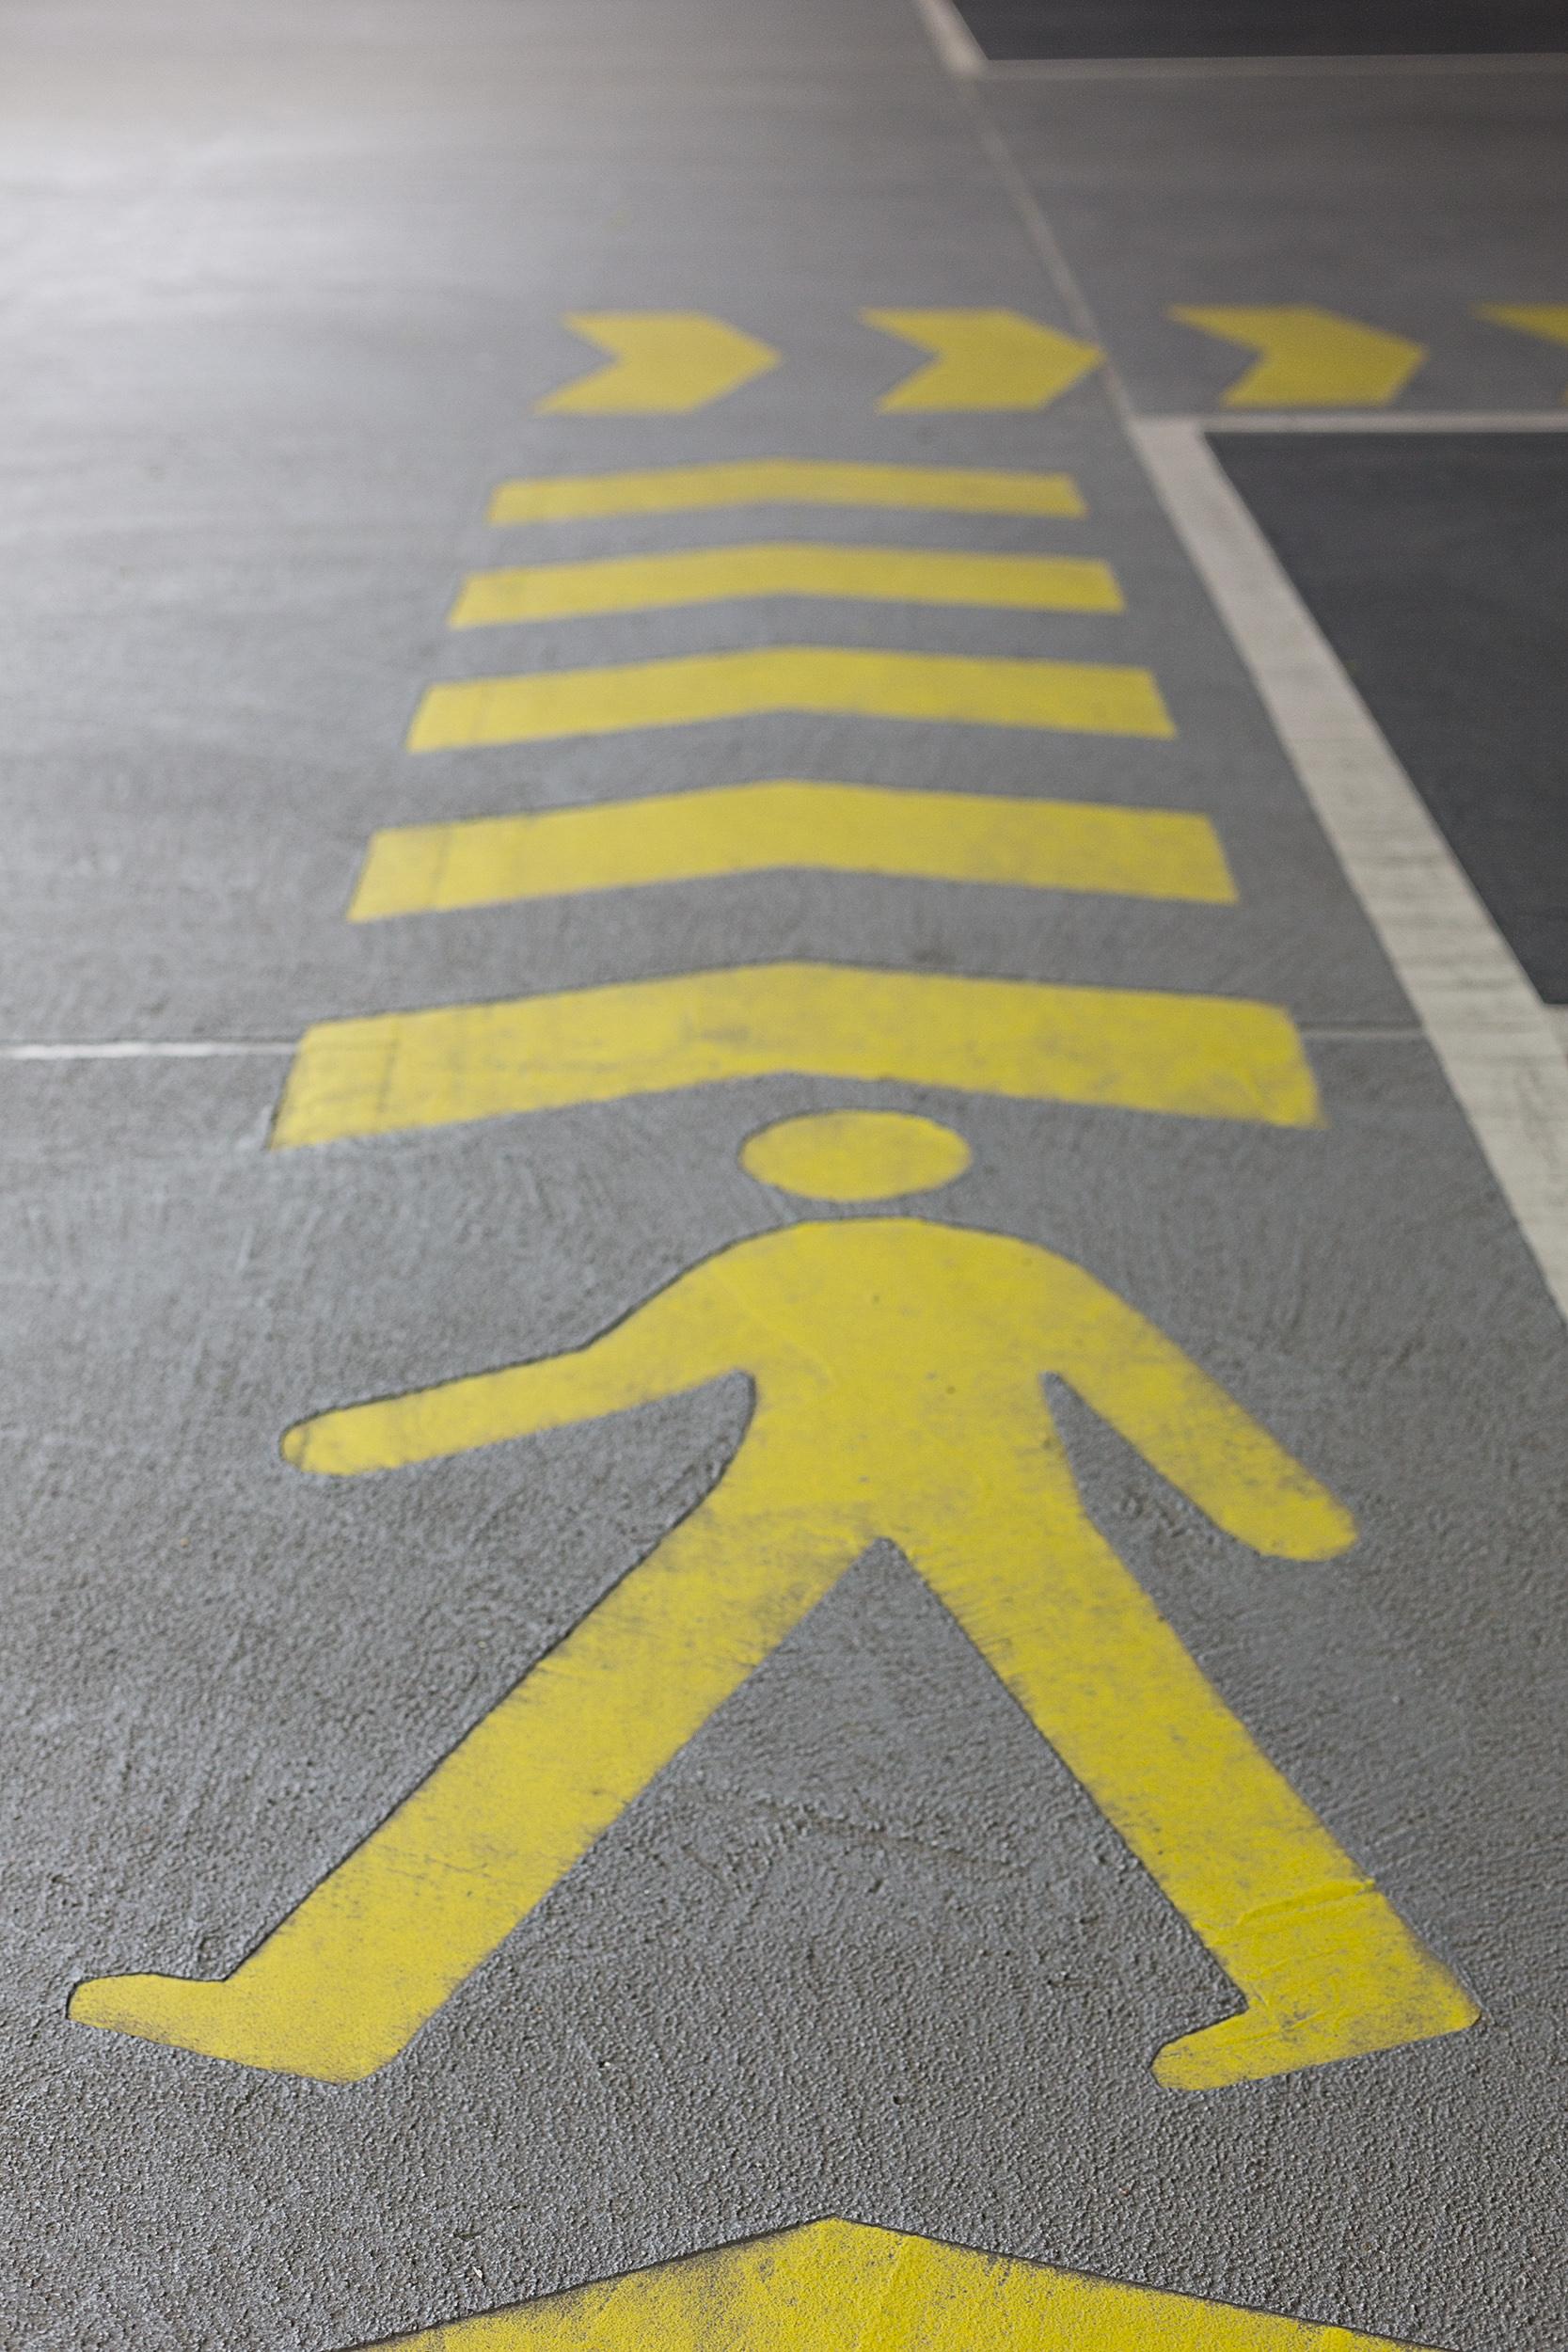 Gelbes Strichmännchen auf dem Betonboden gemalt.